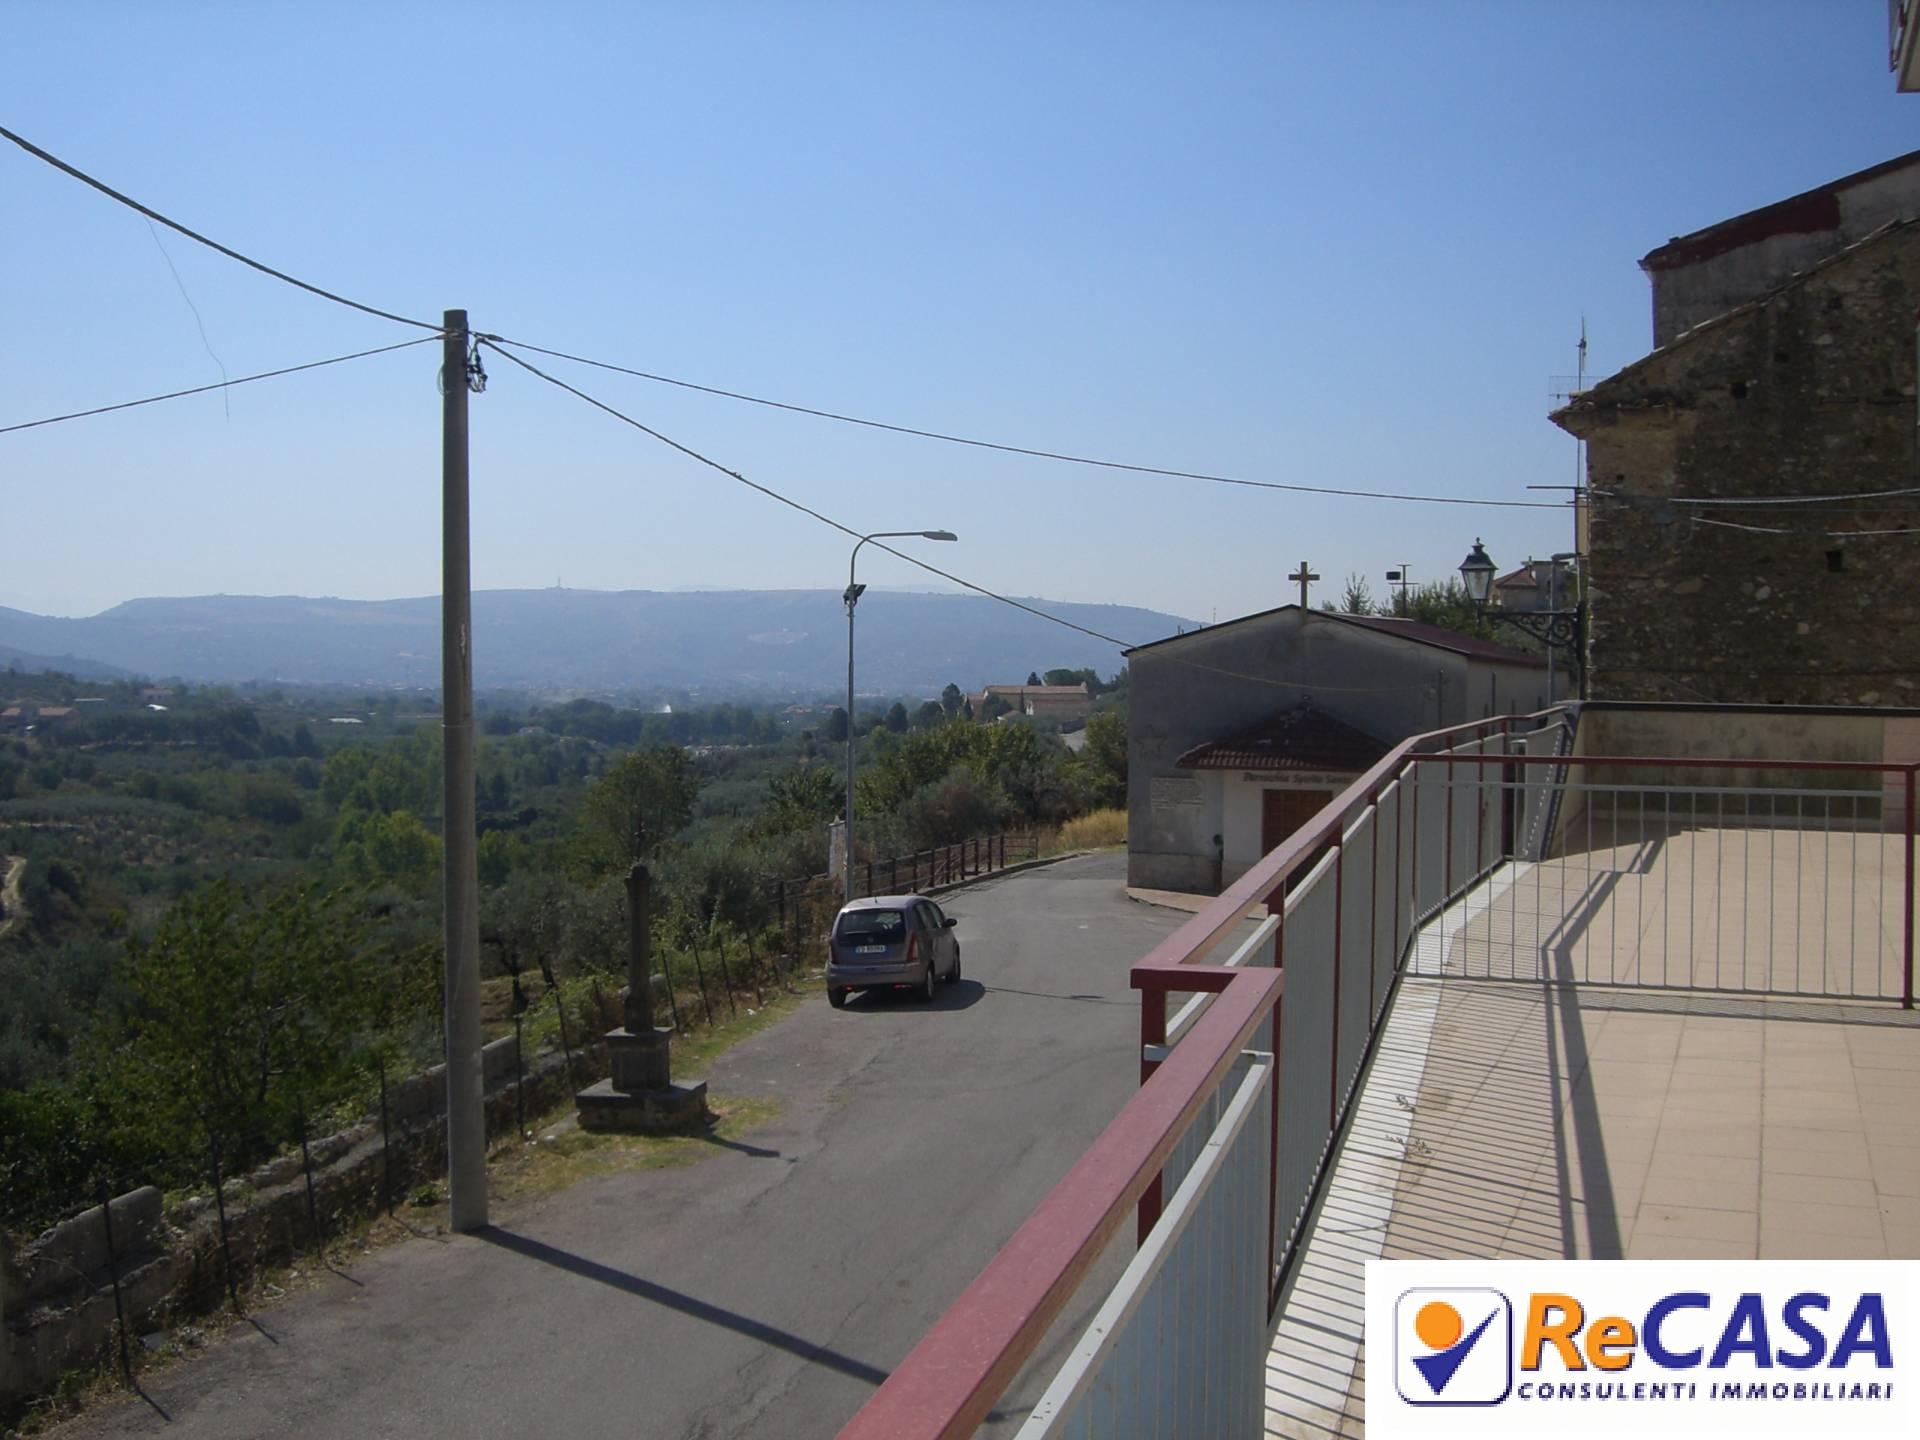 Appartamento in affitto a Montecorvino Rovella, 3 locali, zona Località: SanMartino, prezzo € 370 | Cambio Casa.it